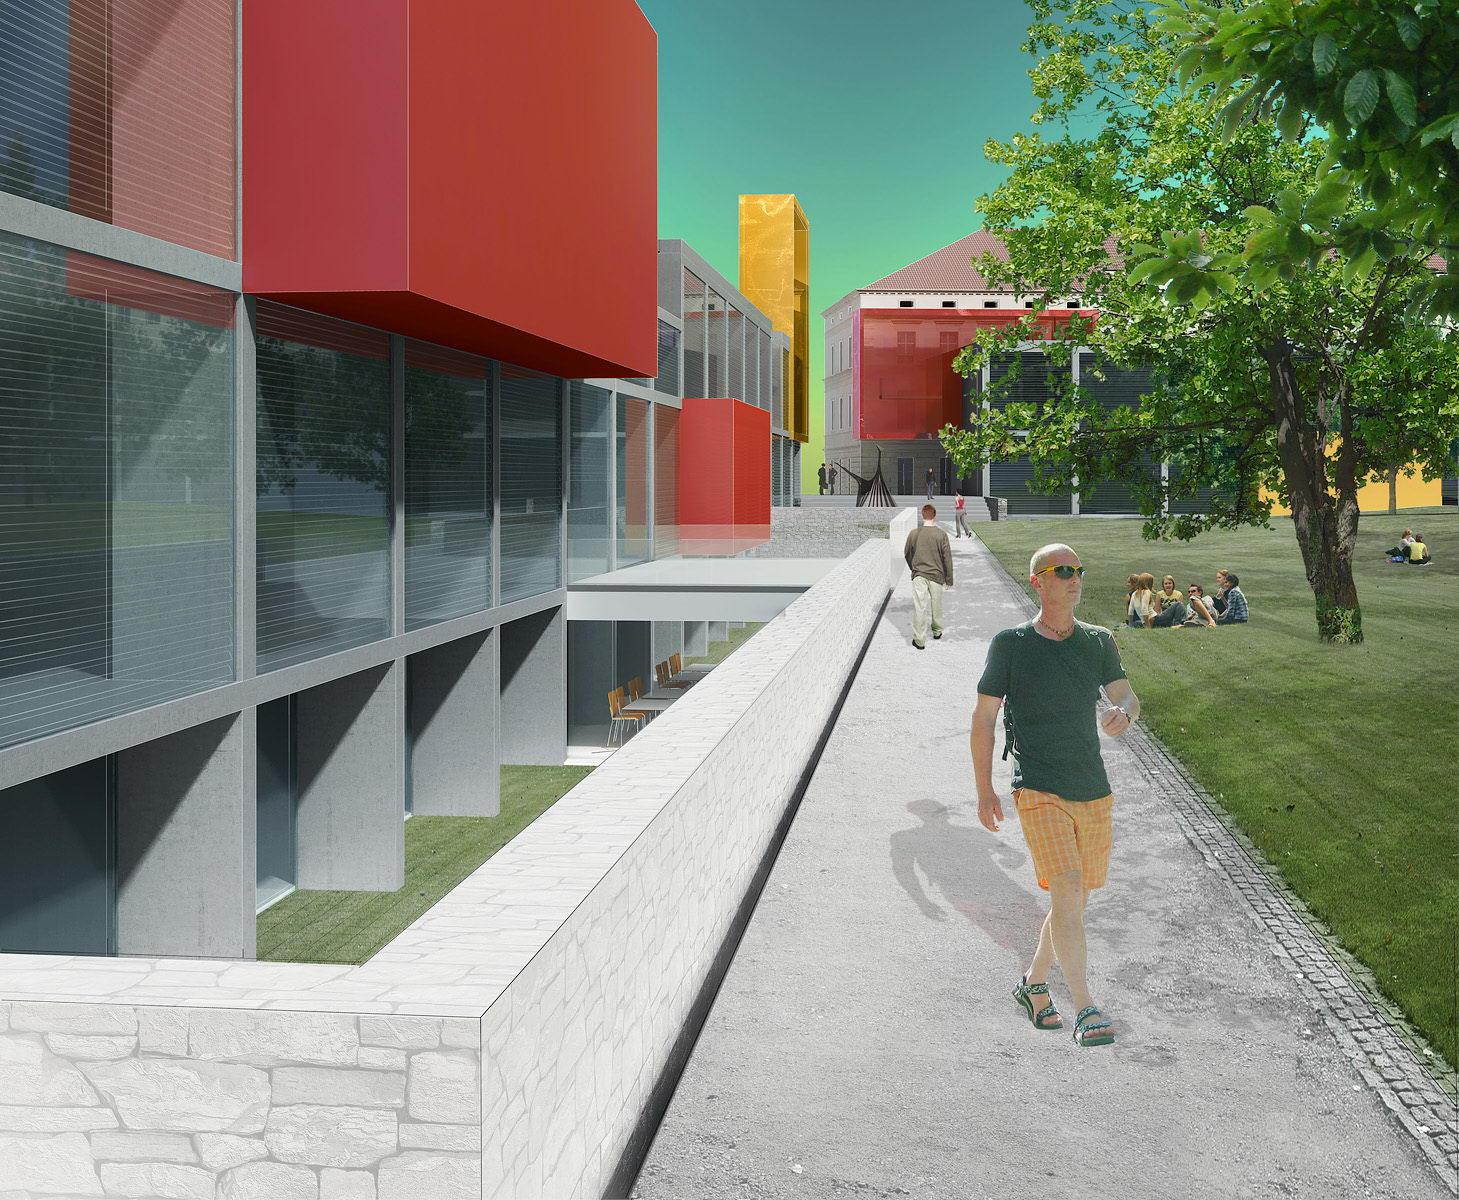 VUT   areál fakult architektury a výtvarných umění   Brno   03